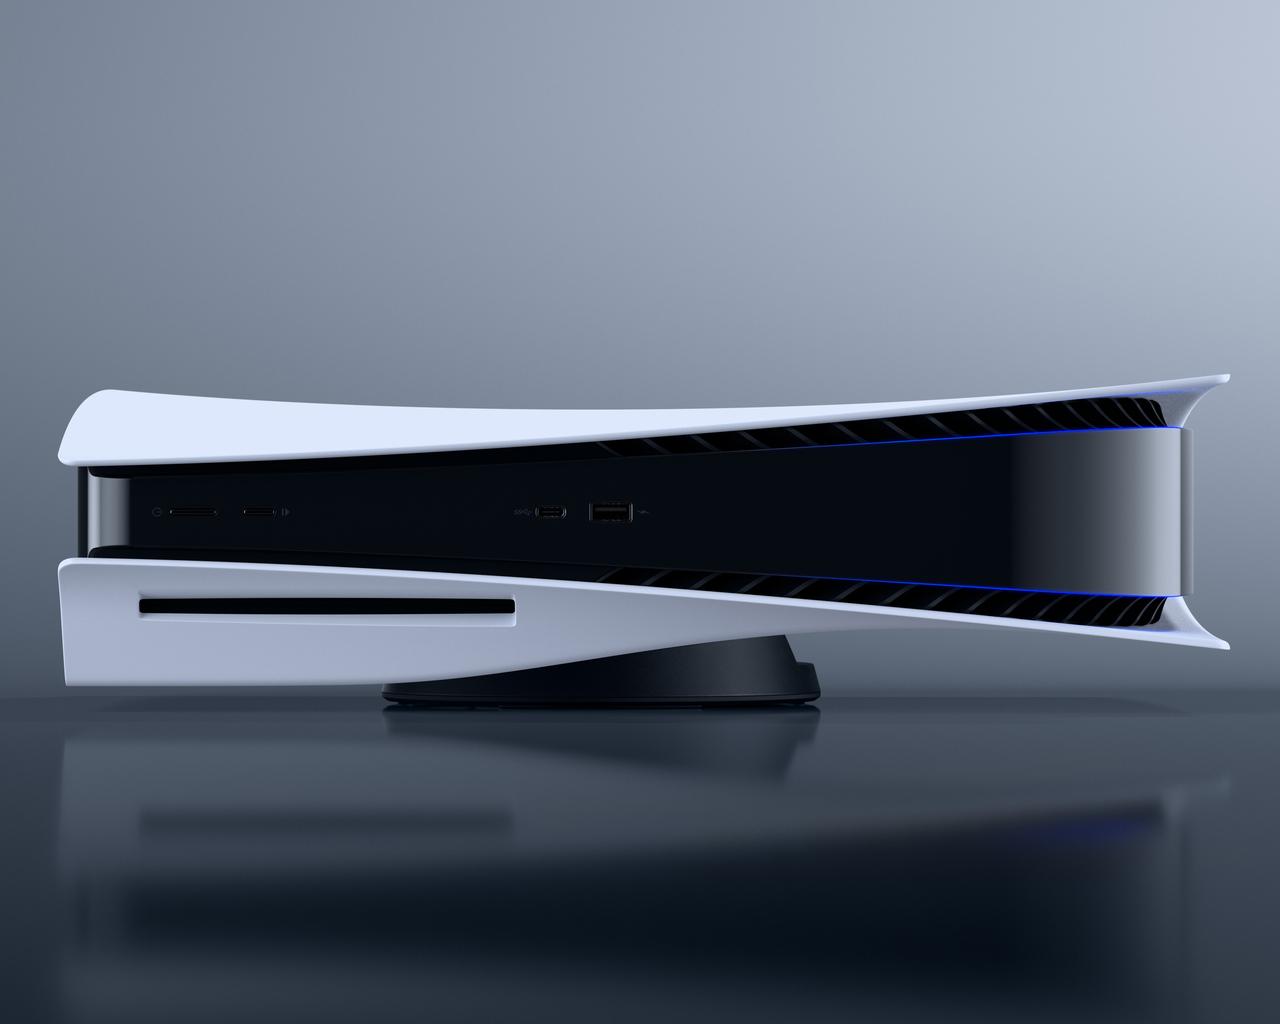 playstation-5-console-5k-tj.jpg